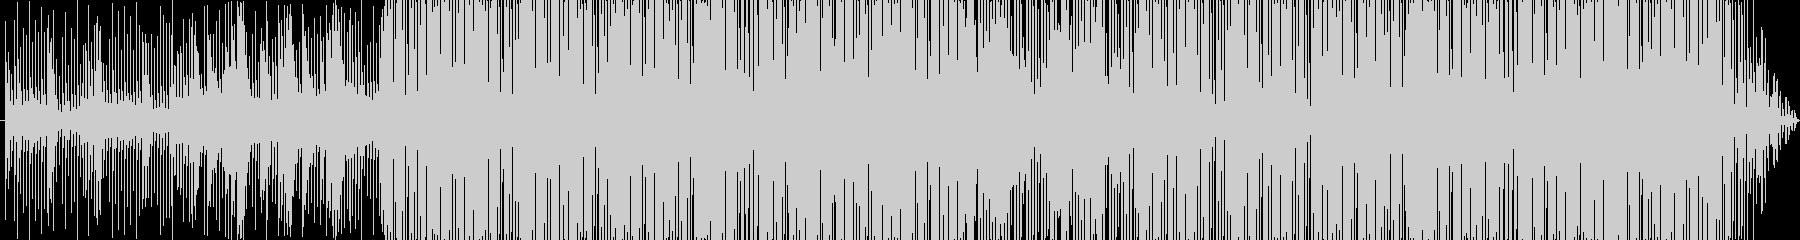 クールなHIPHOPビートの未再生の波形